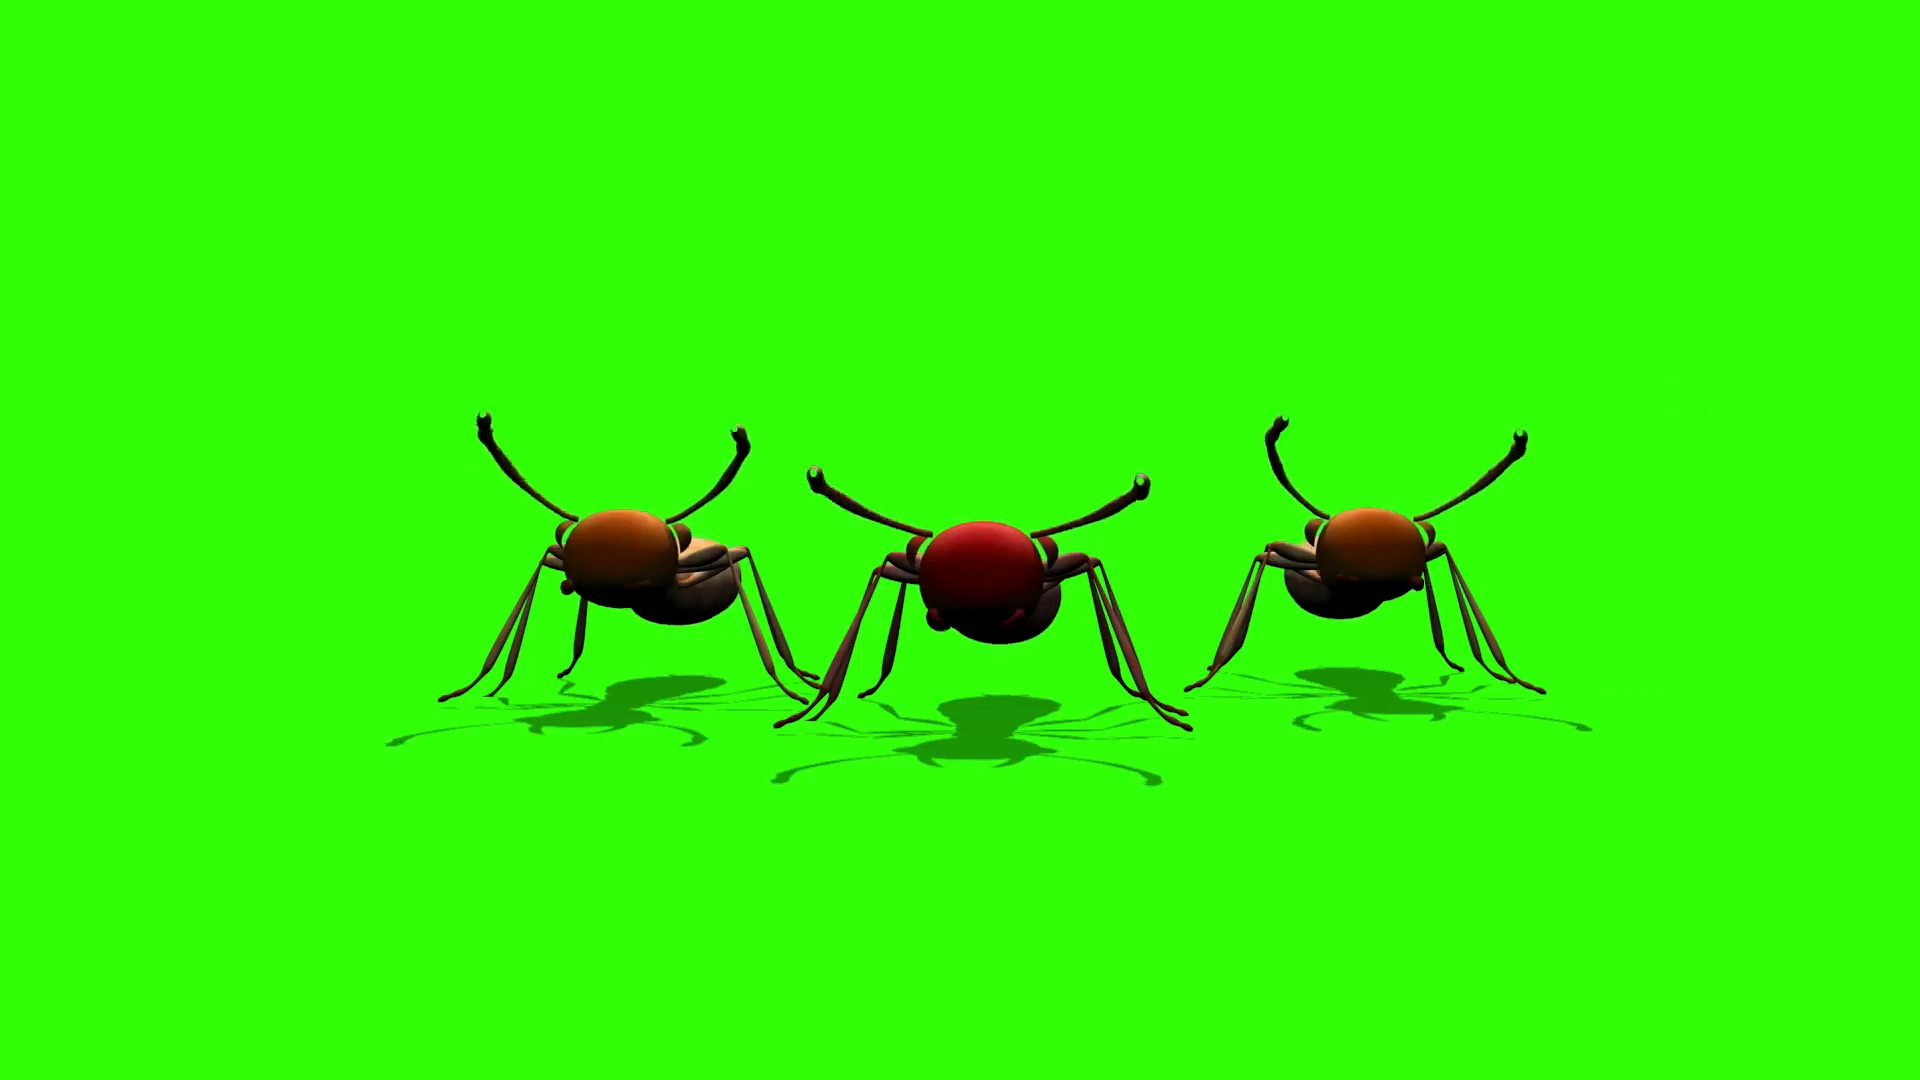 绿屏抠像卡通彩色蚂蚁